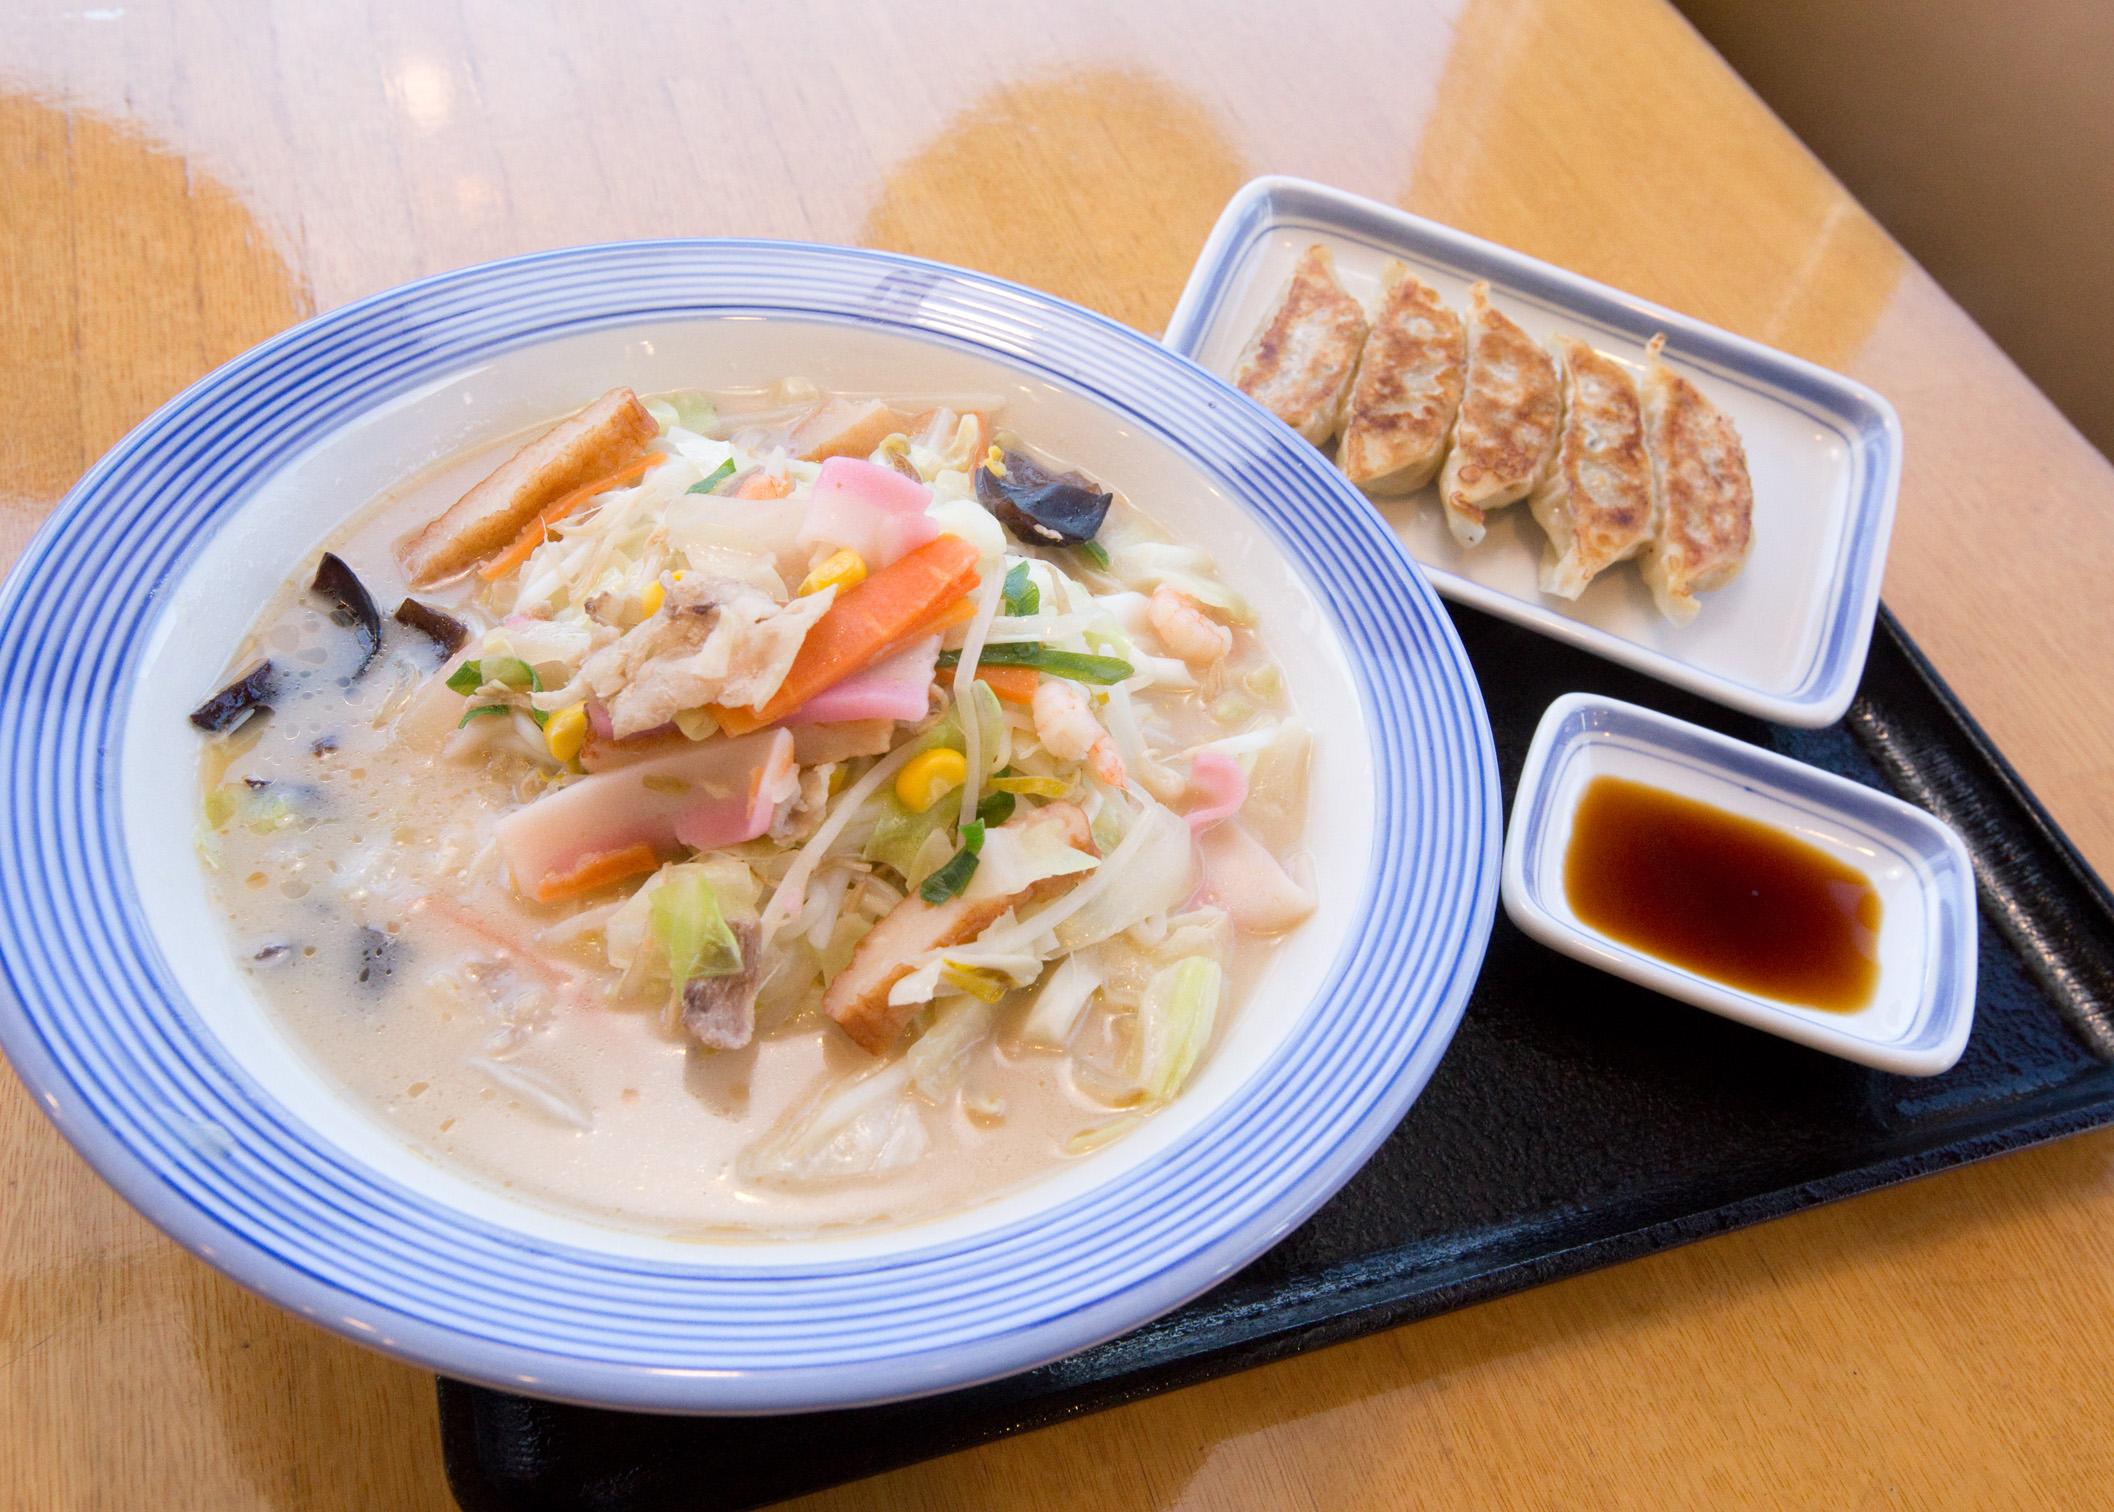 リンガーハット人気の長崎ちゃんぽんセット。ちゃんぽんは美味しさそのまま麺の増量が無料で出来ます。餃子は、にんにく不使用なのでニオイを気にしなくても大丈夫です。